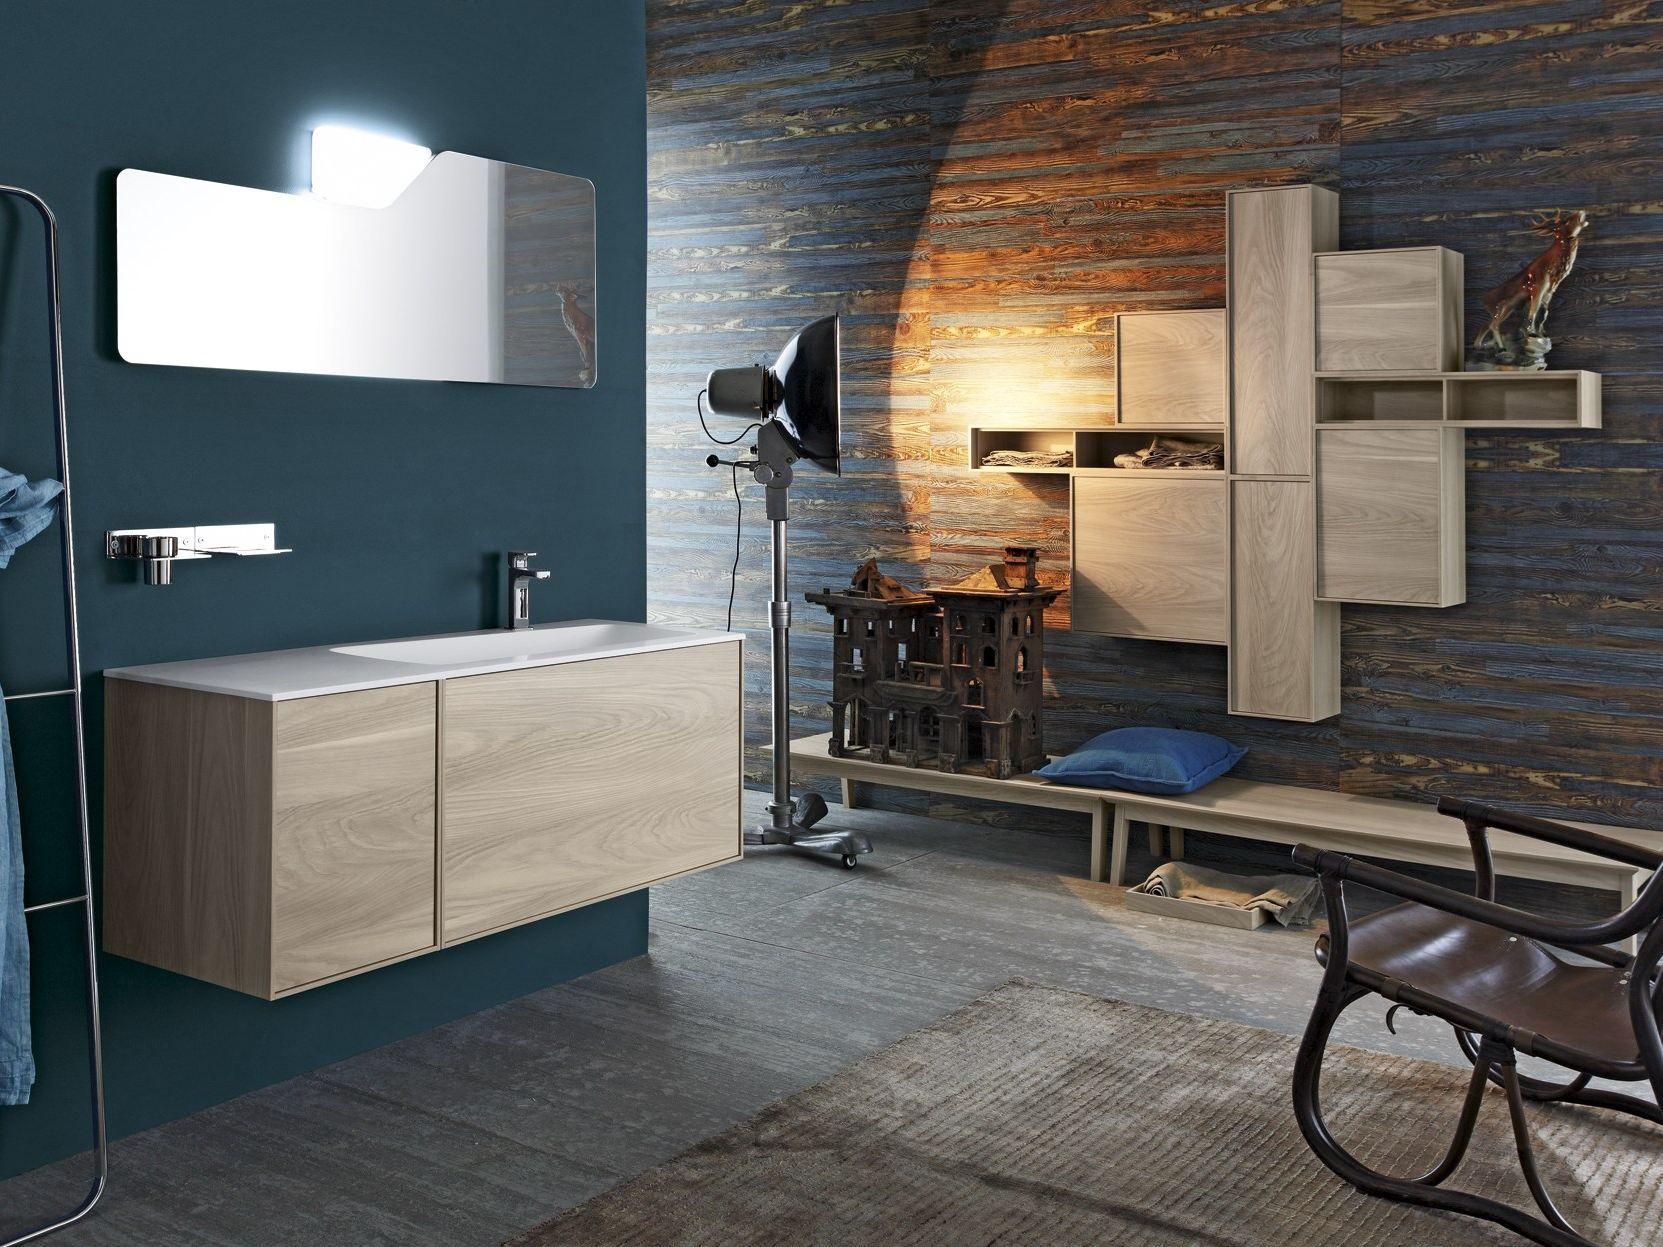 Móvel lavatório único suspenso FREE 68/69 by Cerasa design Stefano  #996232 1663 1247